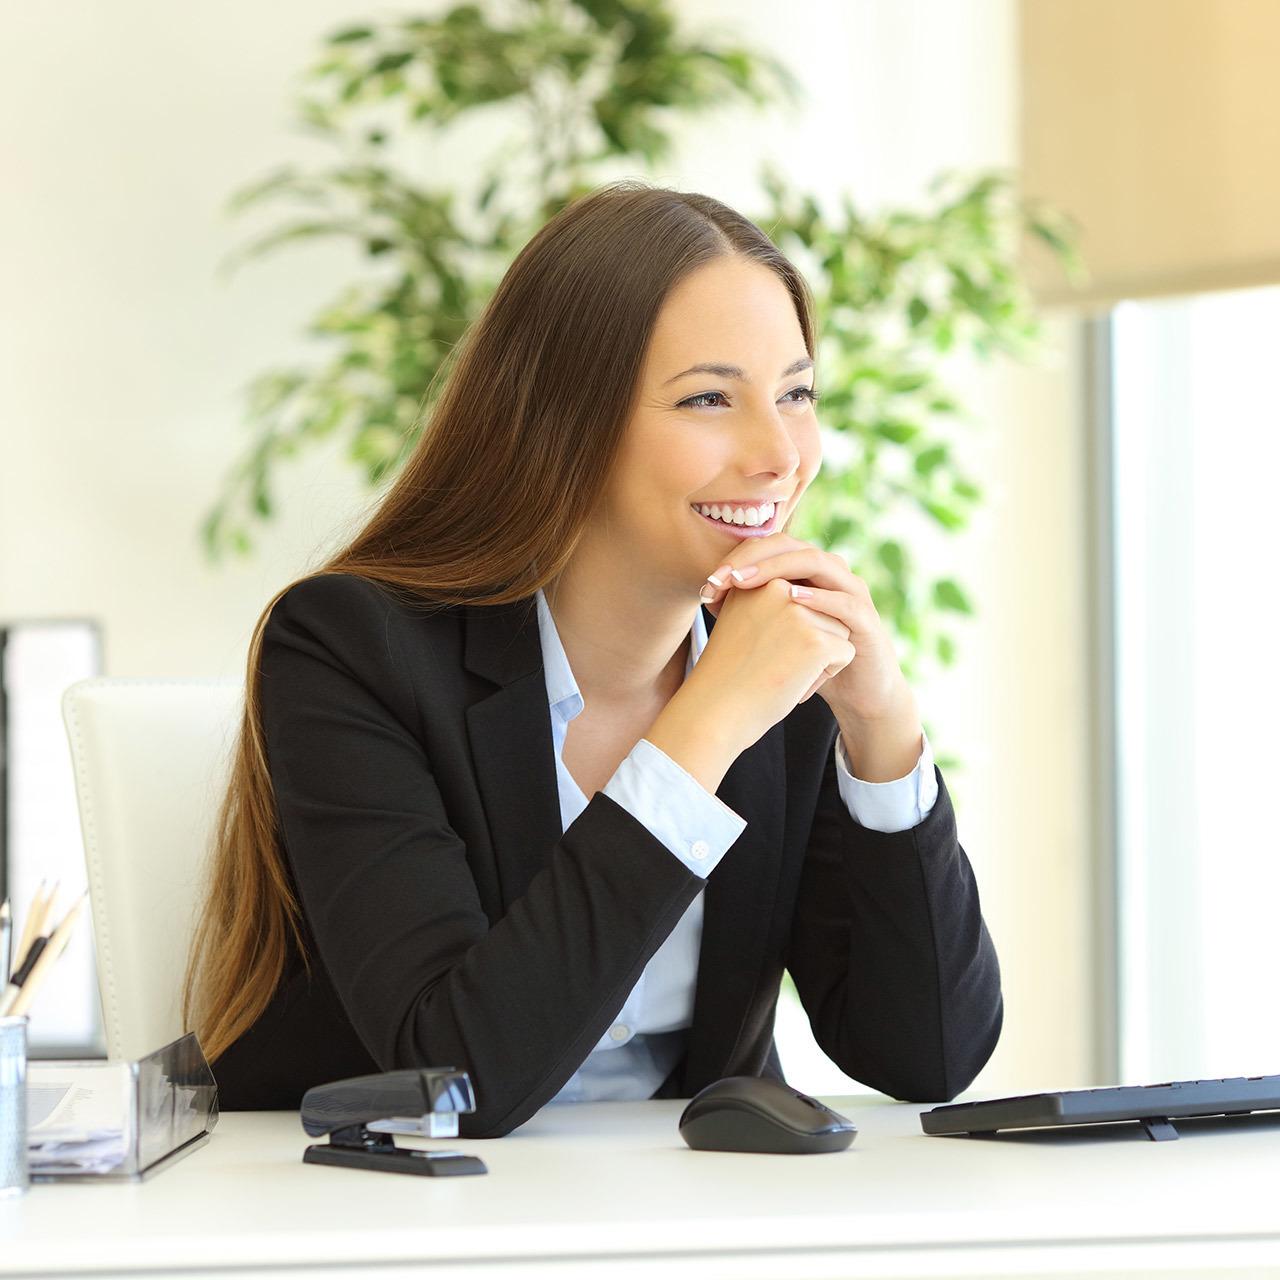 「うちの職場のココがすごい!」職場の自慢できるポイントについて調査!_1_1